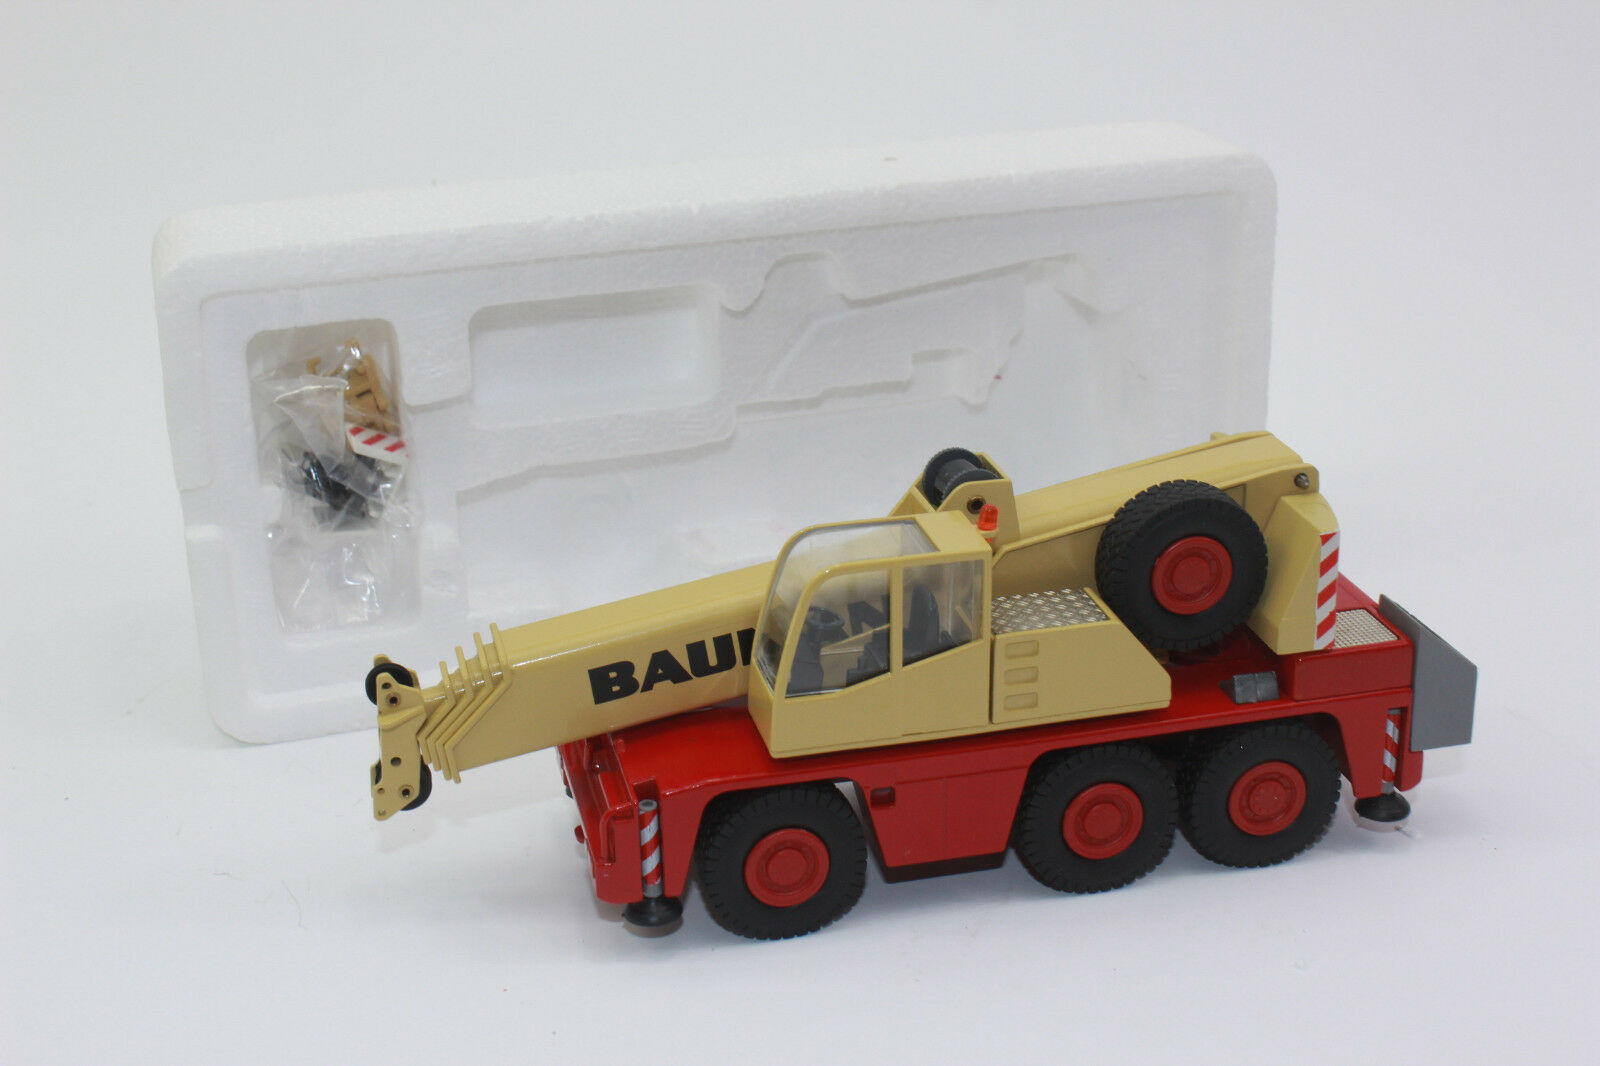 Xx Xx Xx Conrad 2093 1.Version Demag Ac 40 Car Crane Baumann 1 50 New with Original 1fac3a